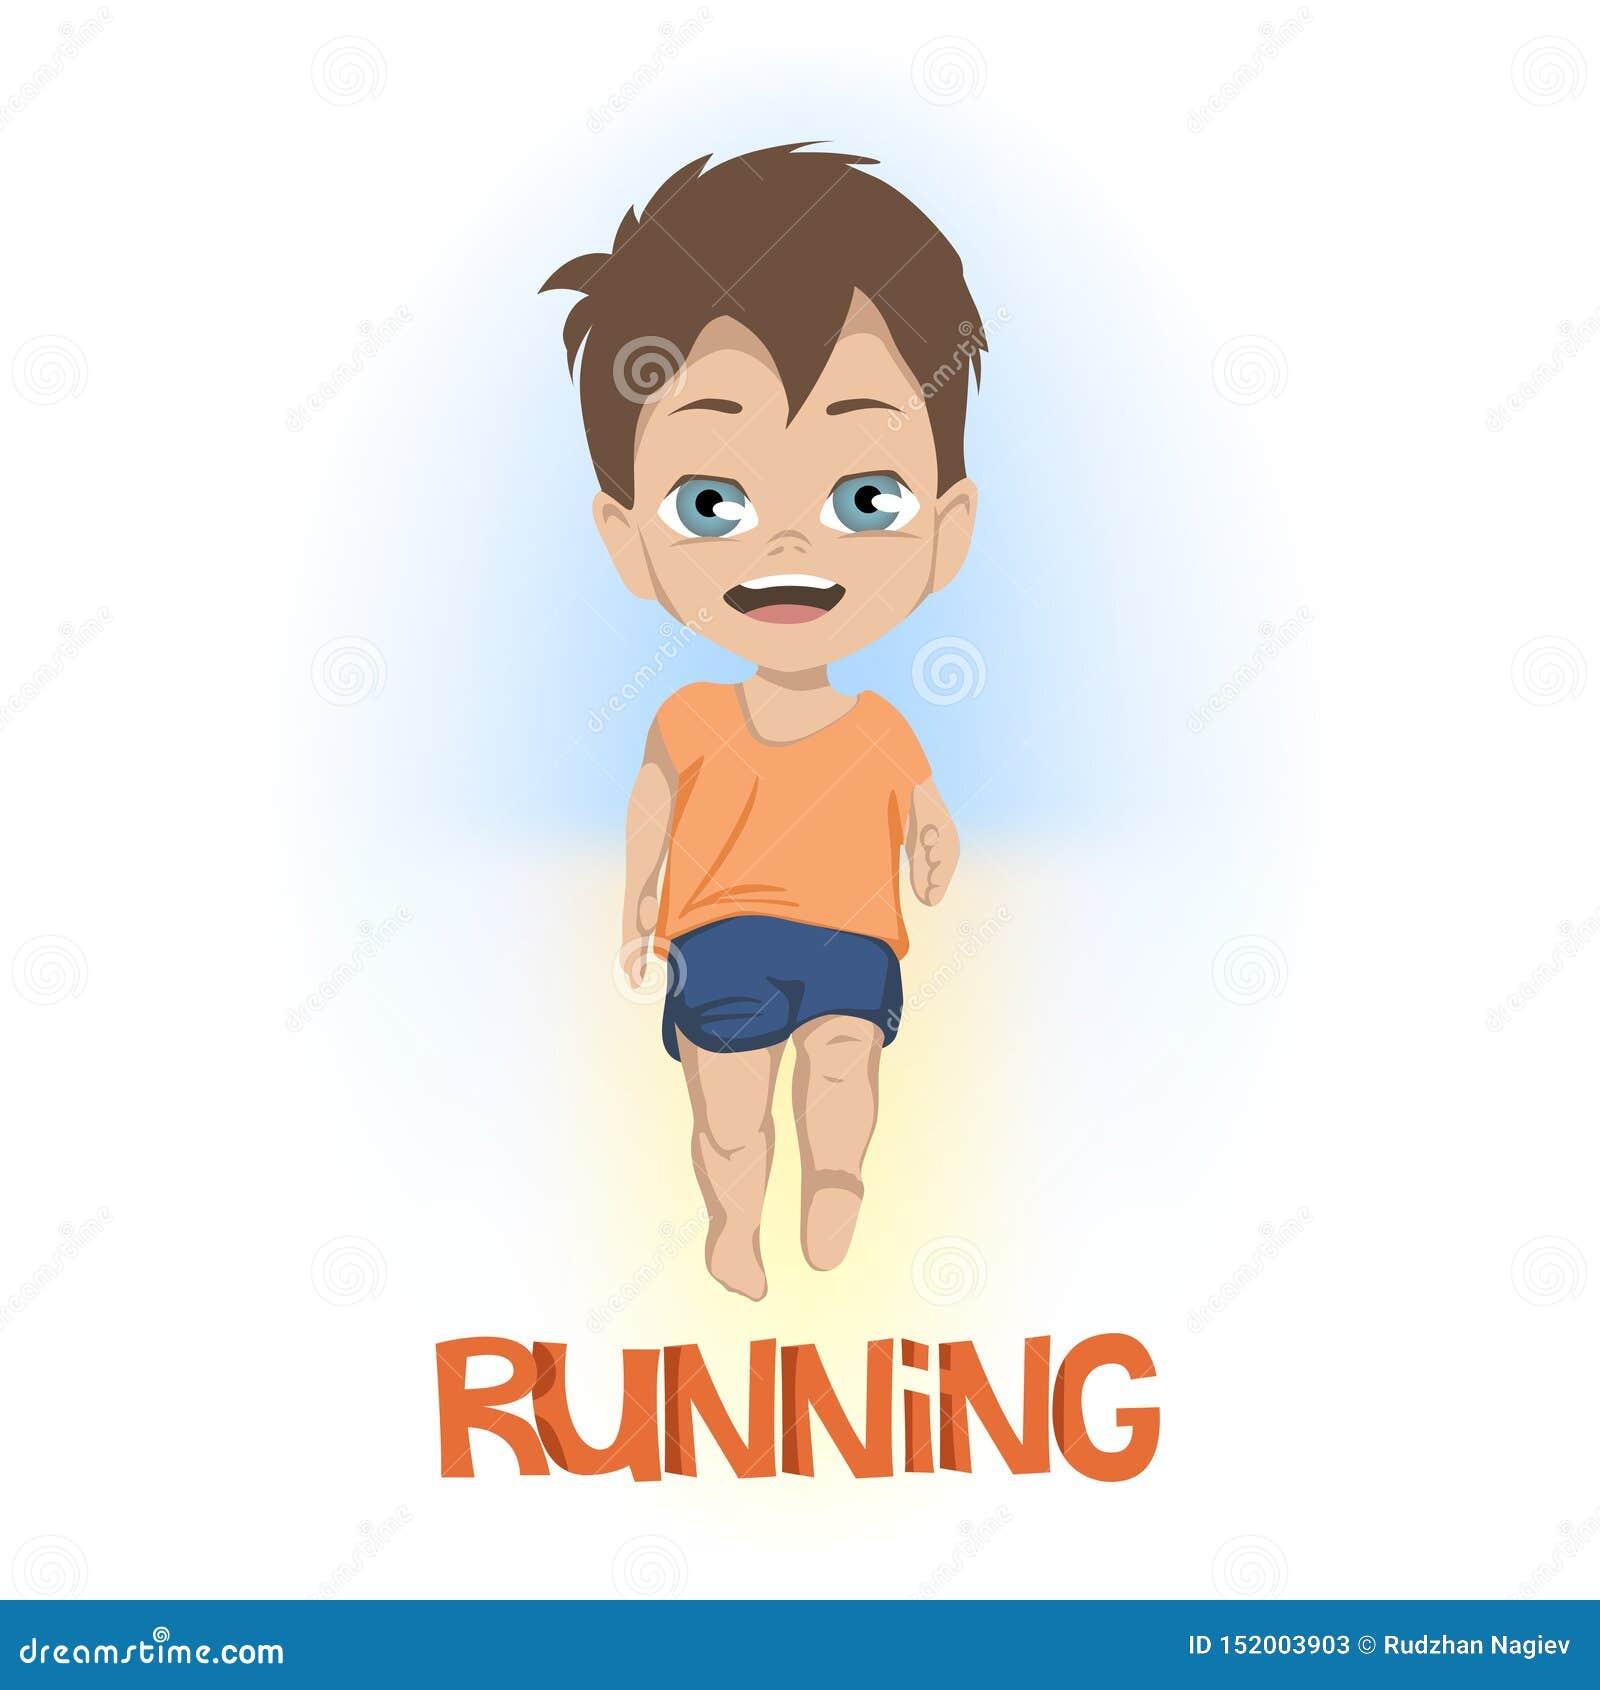 Bande dessinée de vue de face sur peu de garçon en bref et tee-shirt fonctionnant au-dessus du FONCTIONNEMENT en texte orange au-